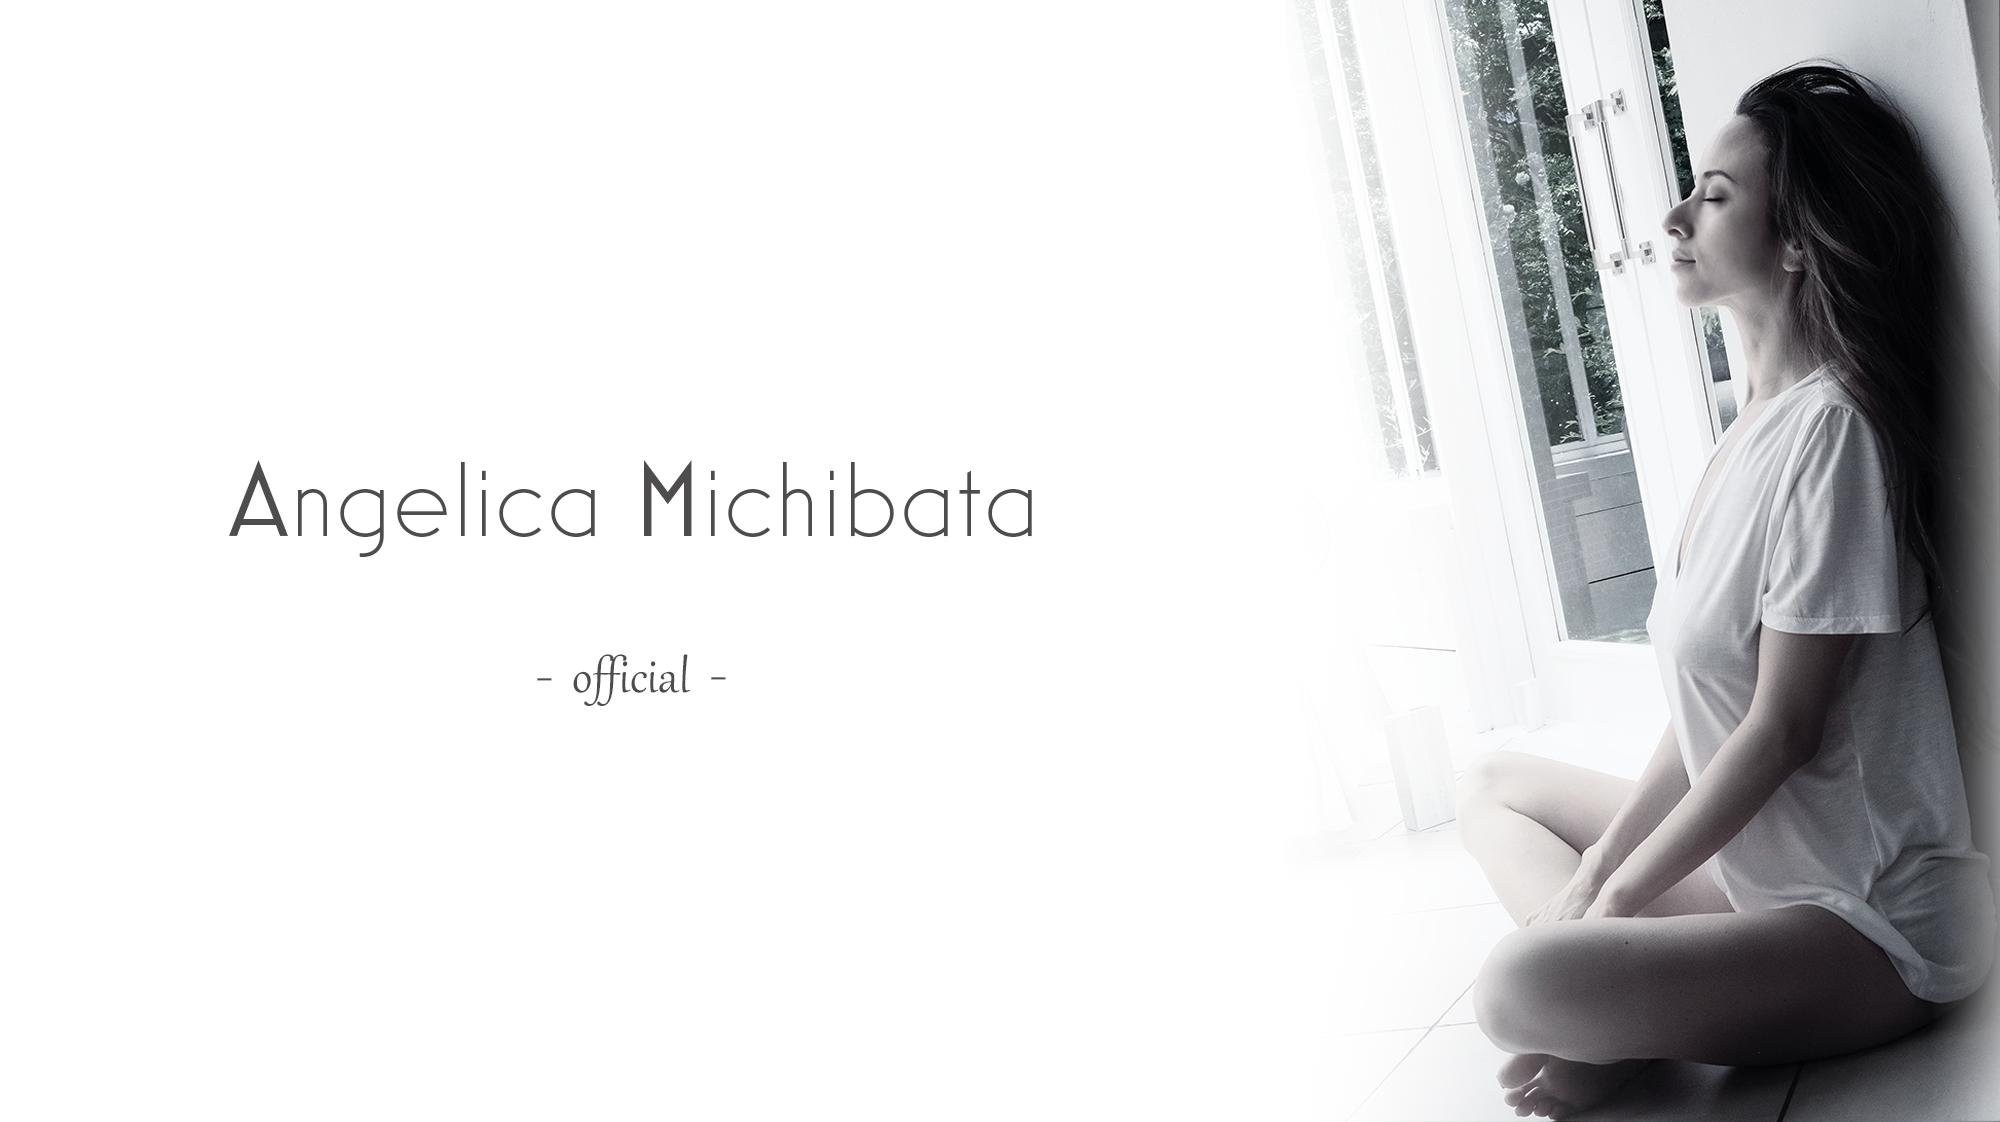 ANGELICA MICHIBATA